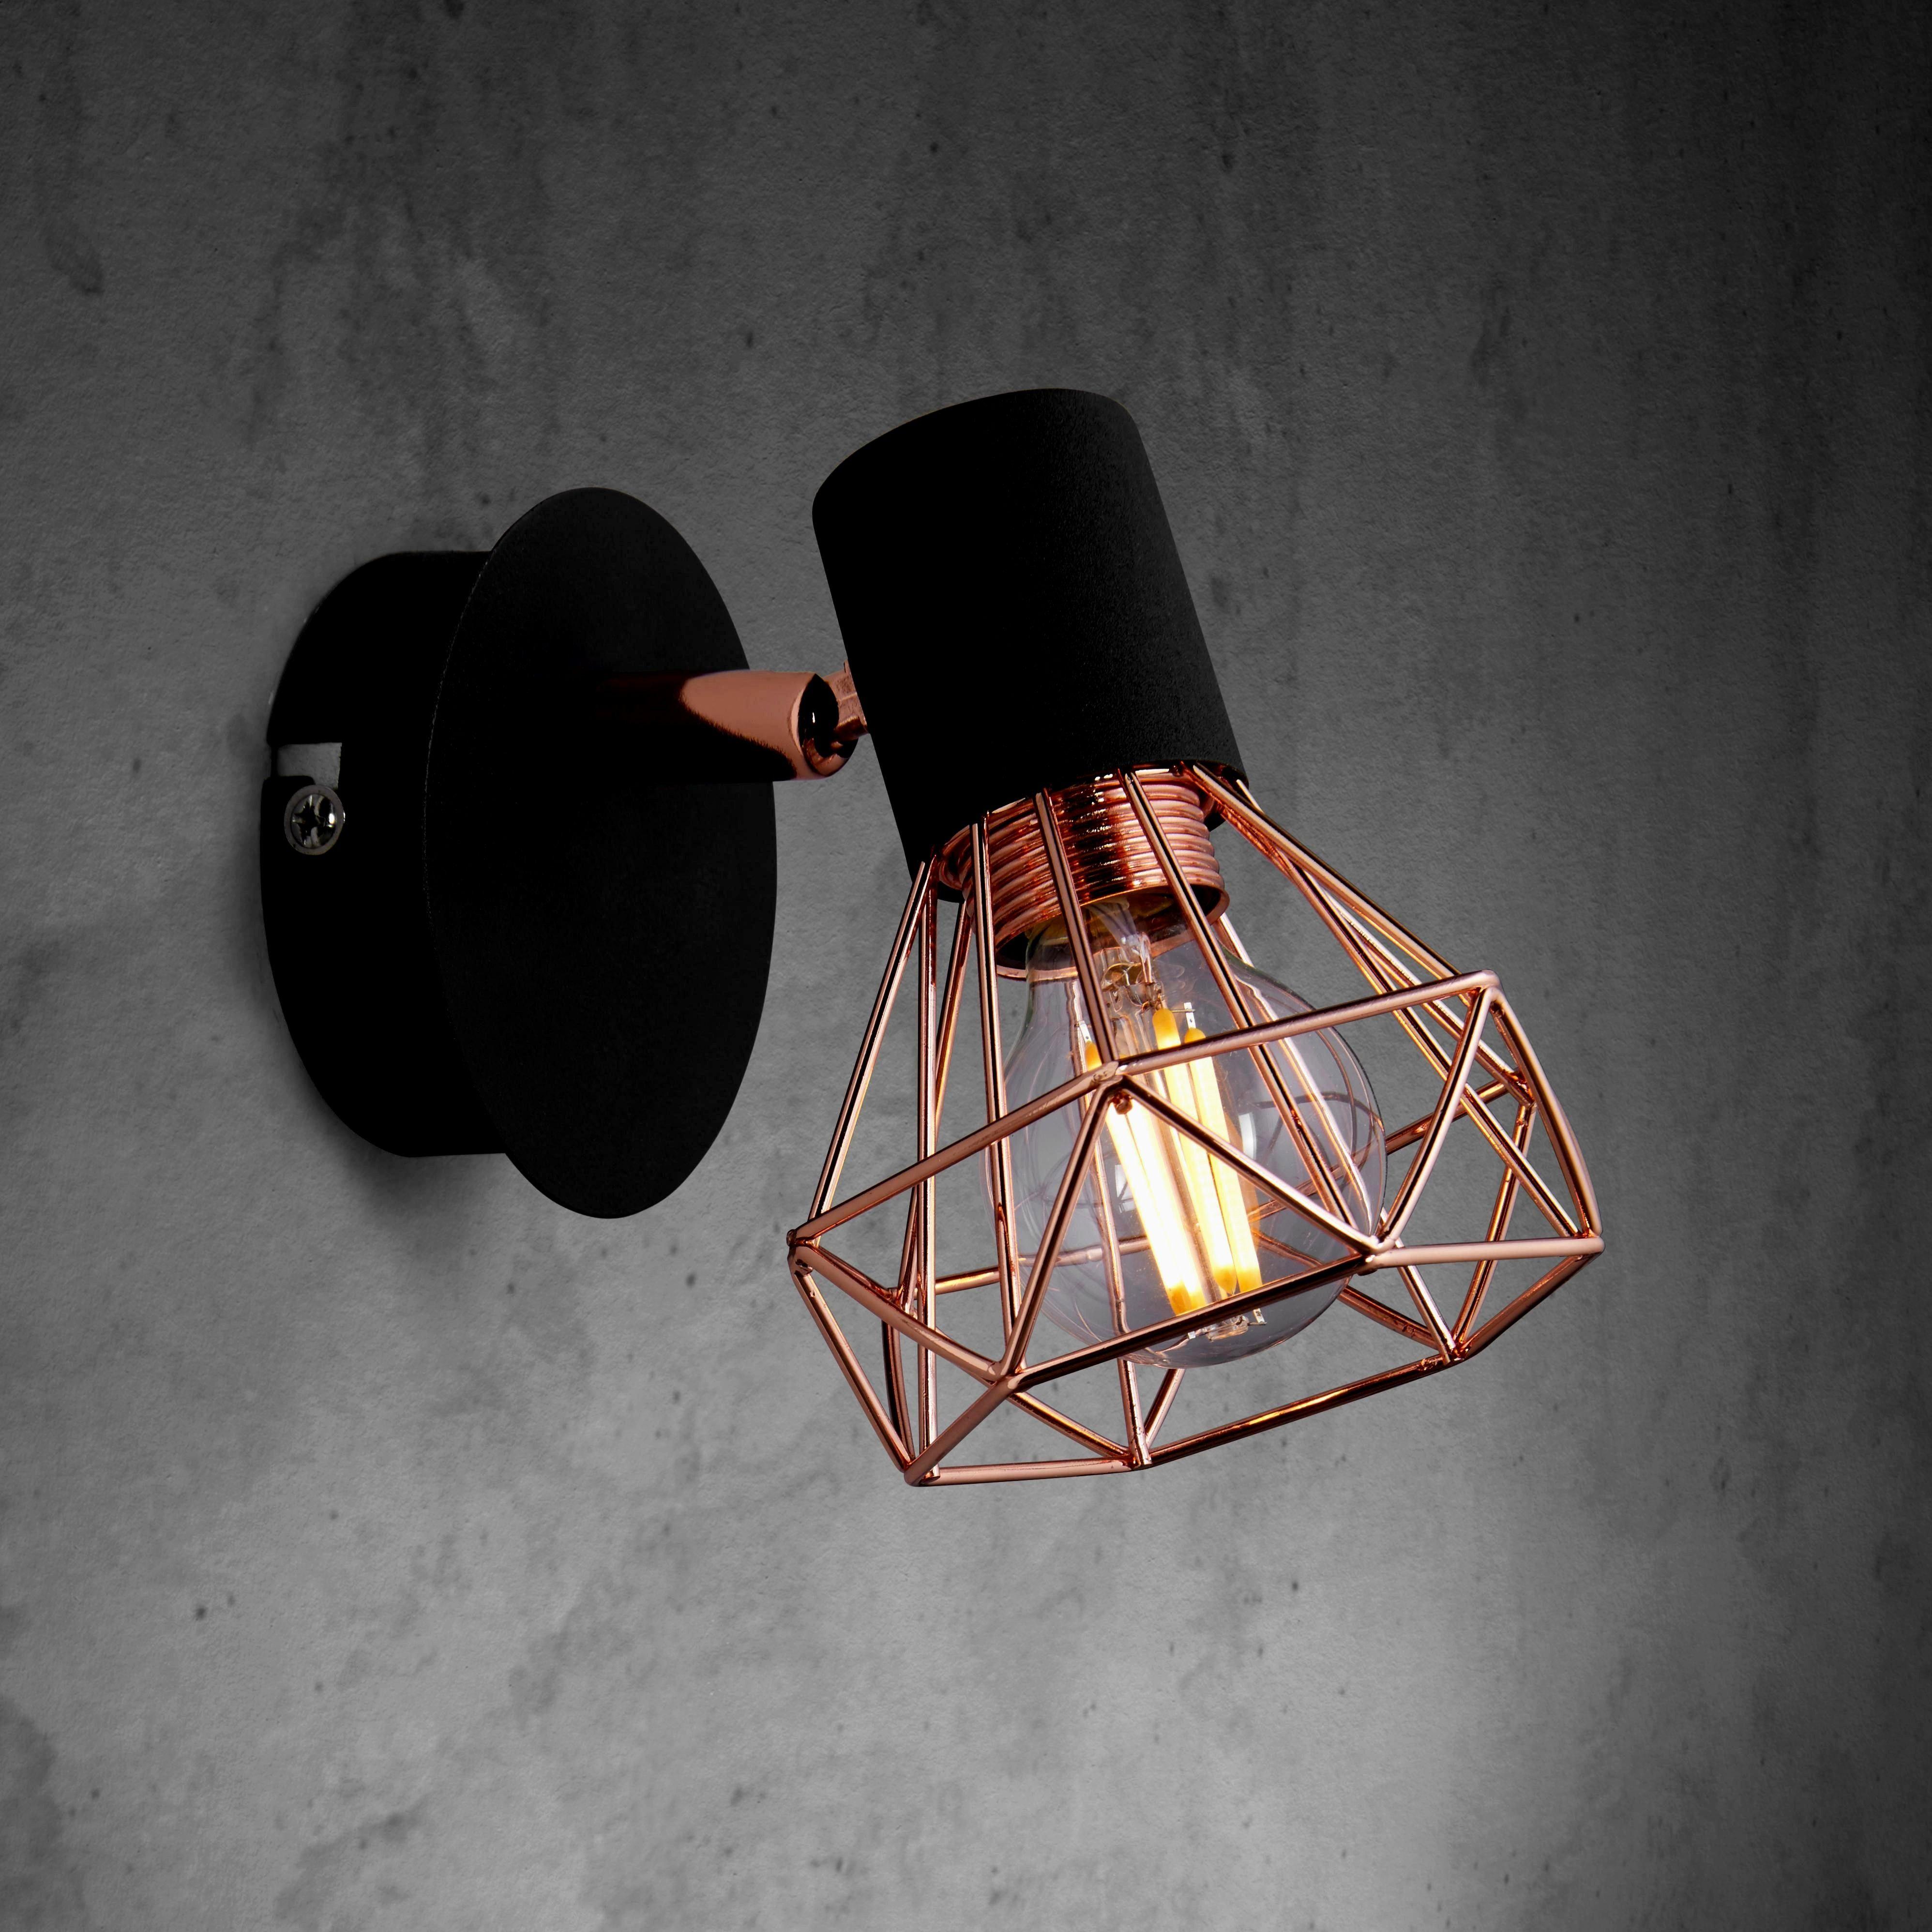 12 Trends Galerie Von Badezimmer Lampe Mit Bewegungsmelder Lampe Mit Bewegungsmelder Lampe Lampen Treppenhaus